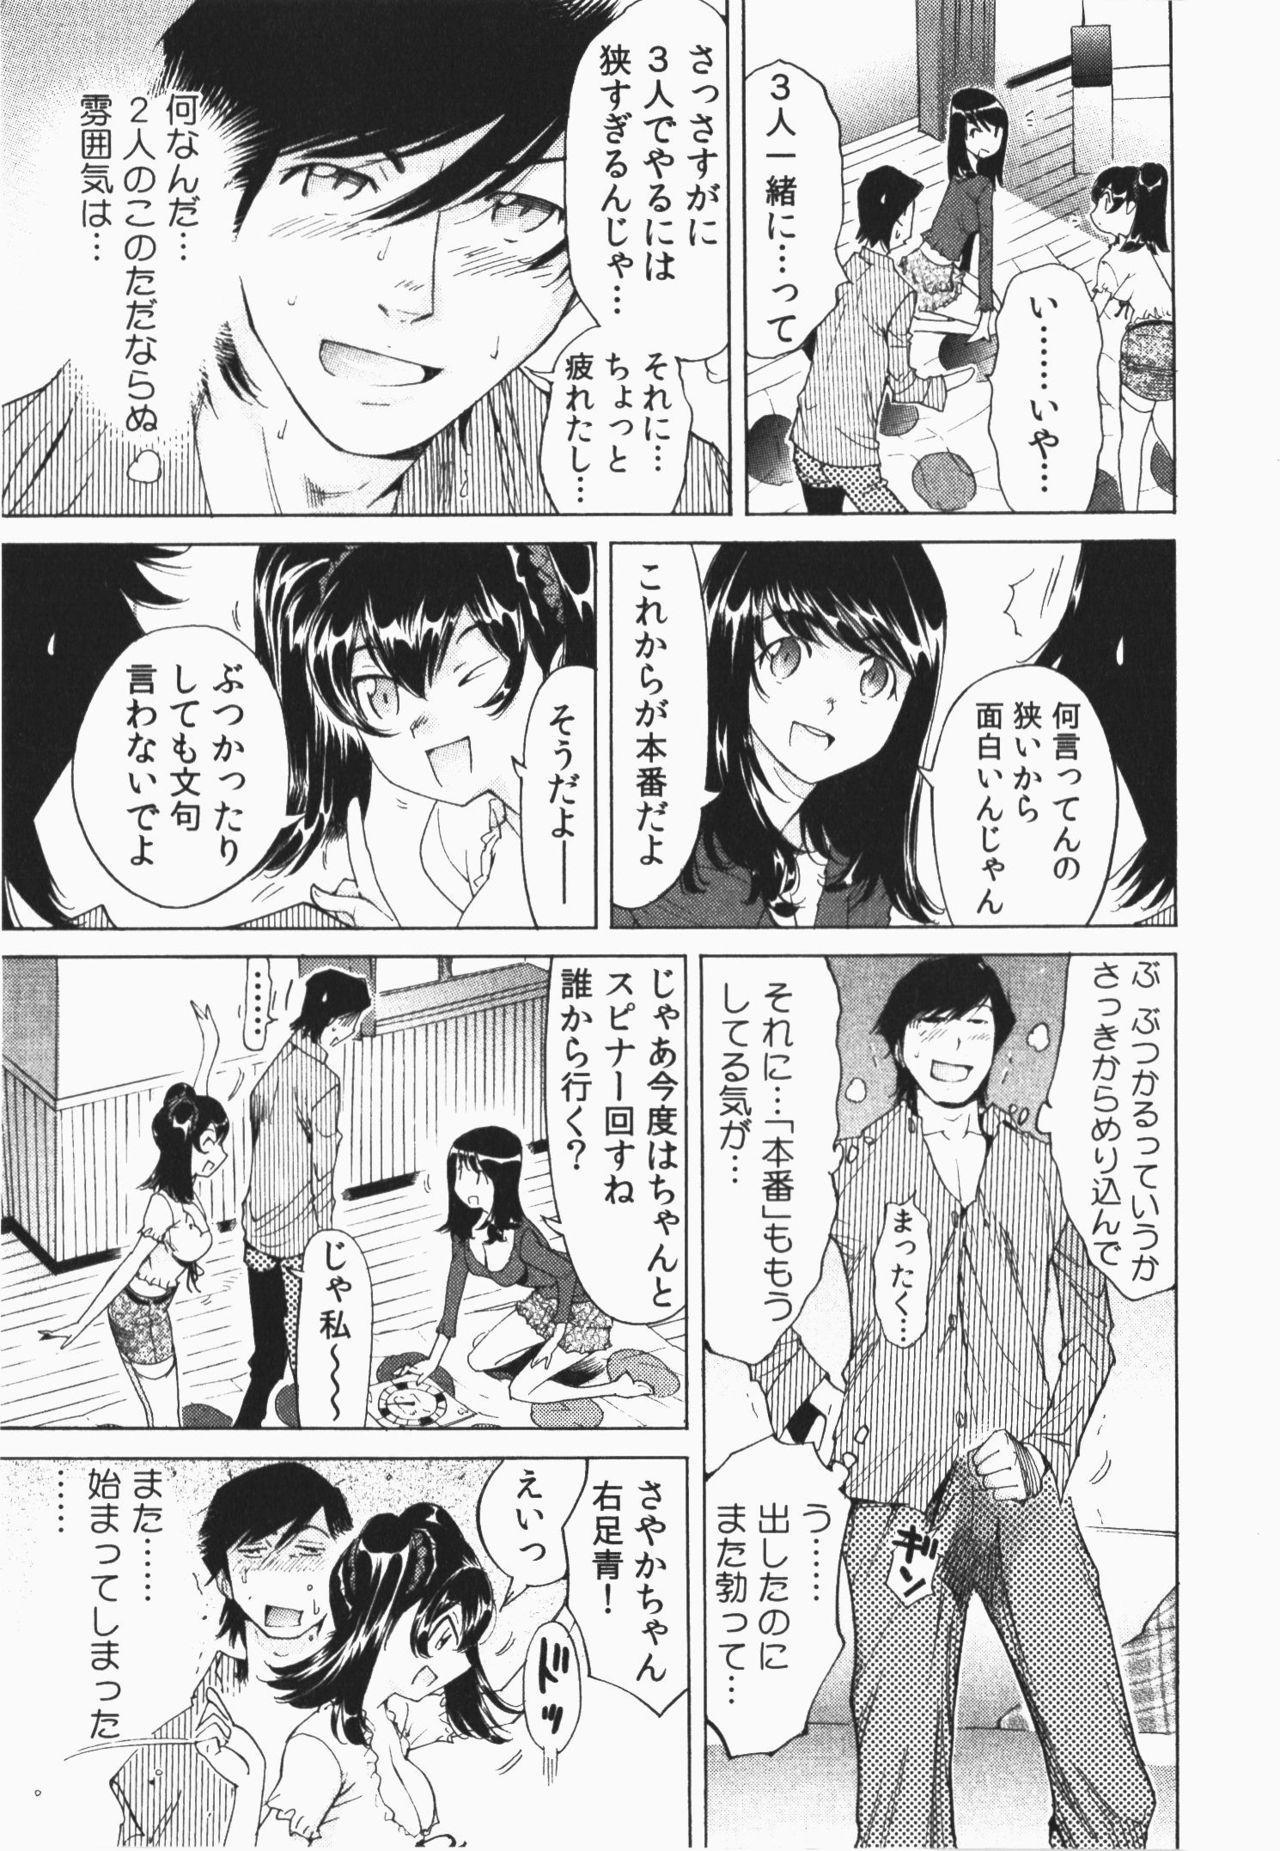 Ukkari Haicchatta! Itoko to Micchaku Game Chuu 46